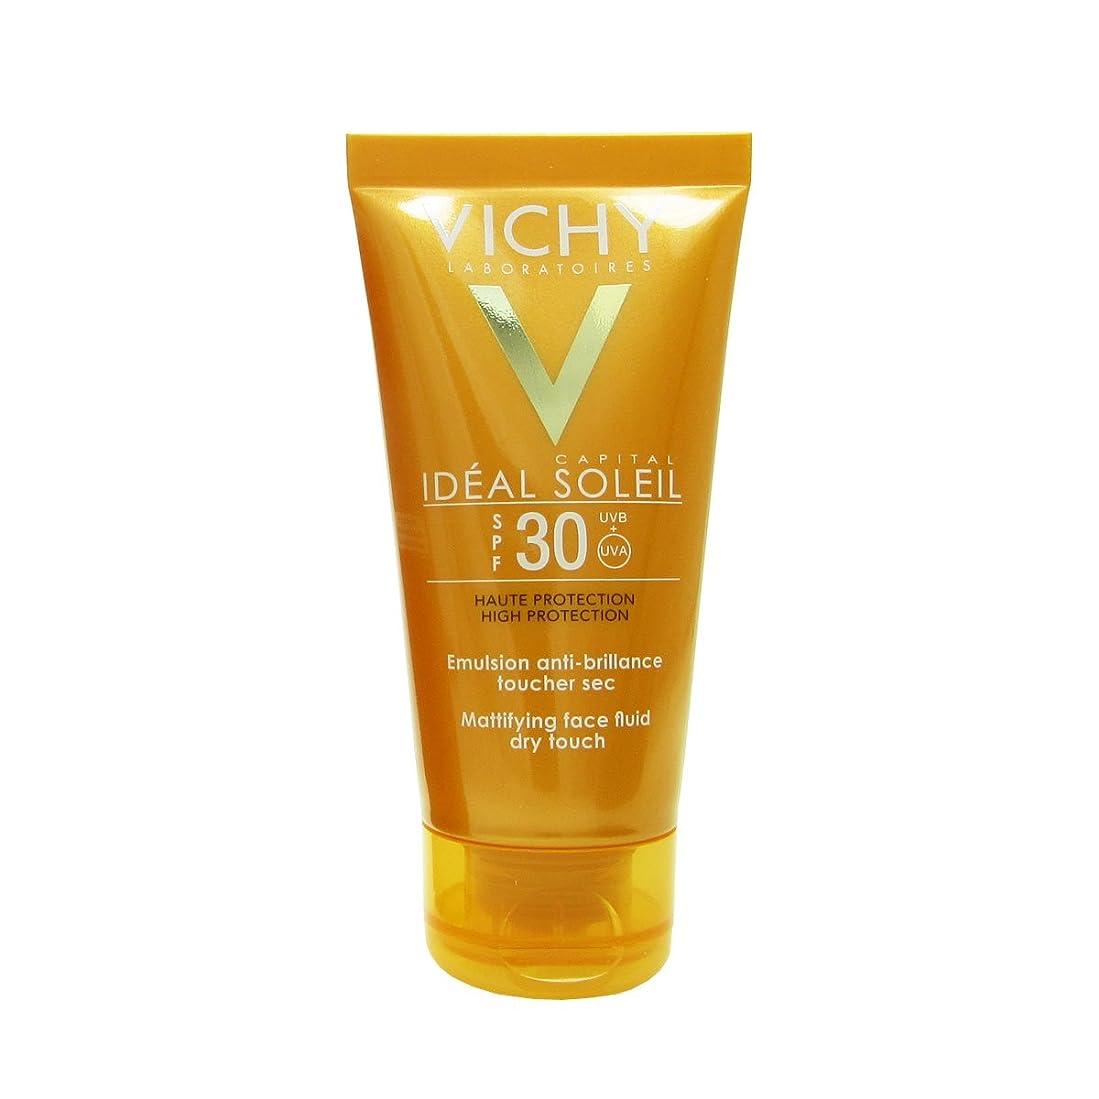 平野チャネル不適当Vichy Capital Soleil Ideal Soleil Spf30 Dry Touch Fluid 50ml [並行輸入品]